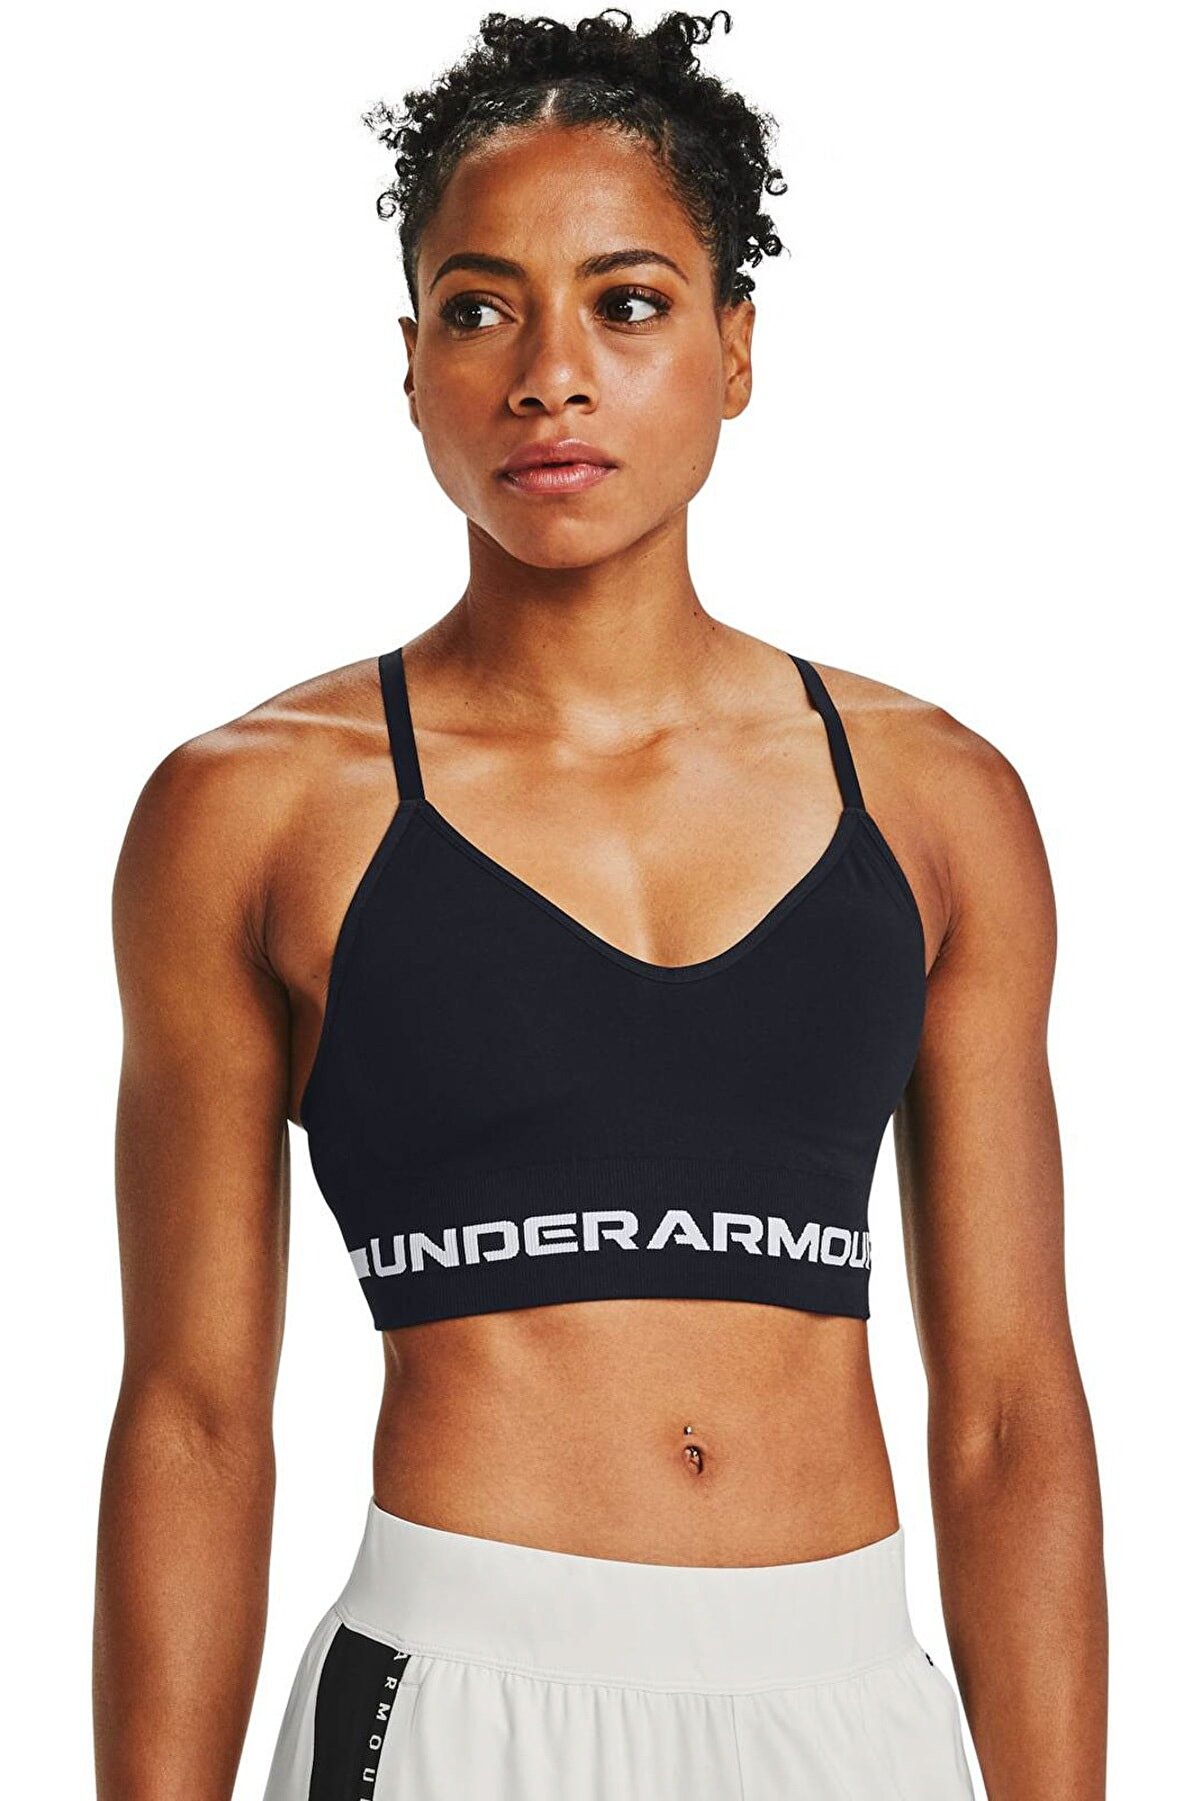 Under Armour Kadın Spor Sütyeni - Ua Seamless Low Long Bra - 1357719-001